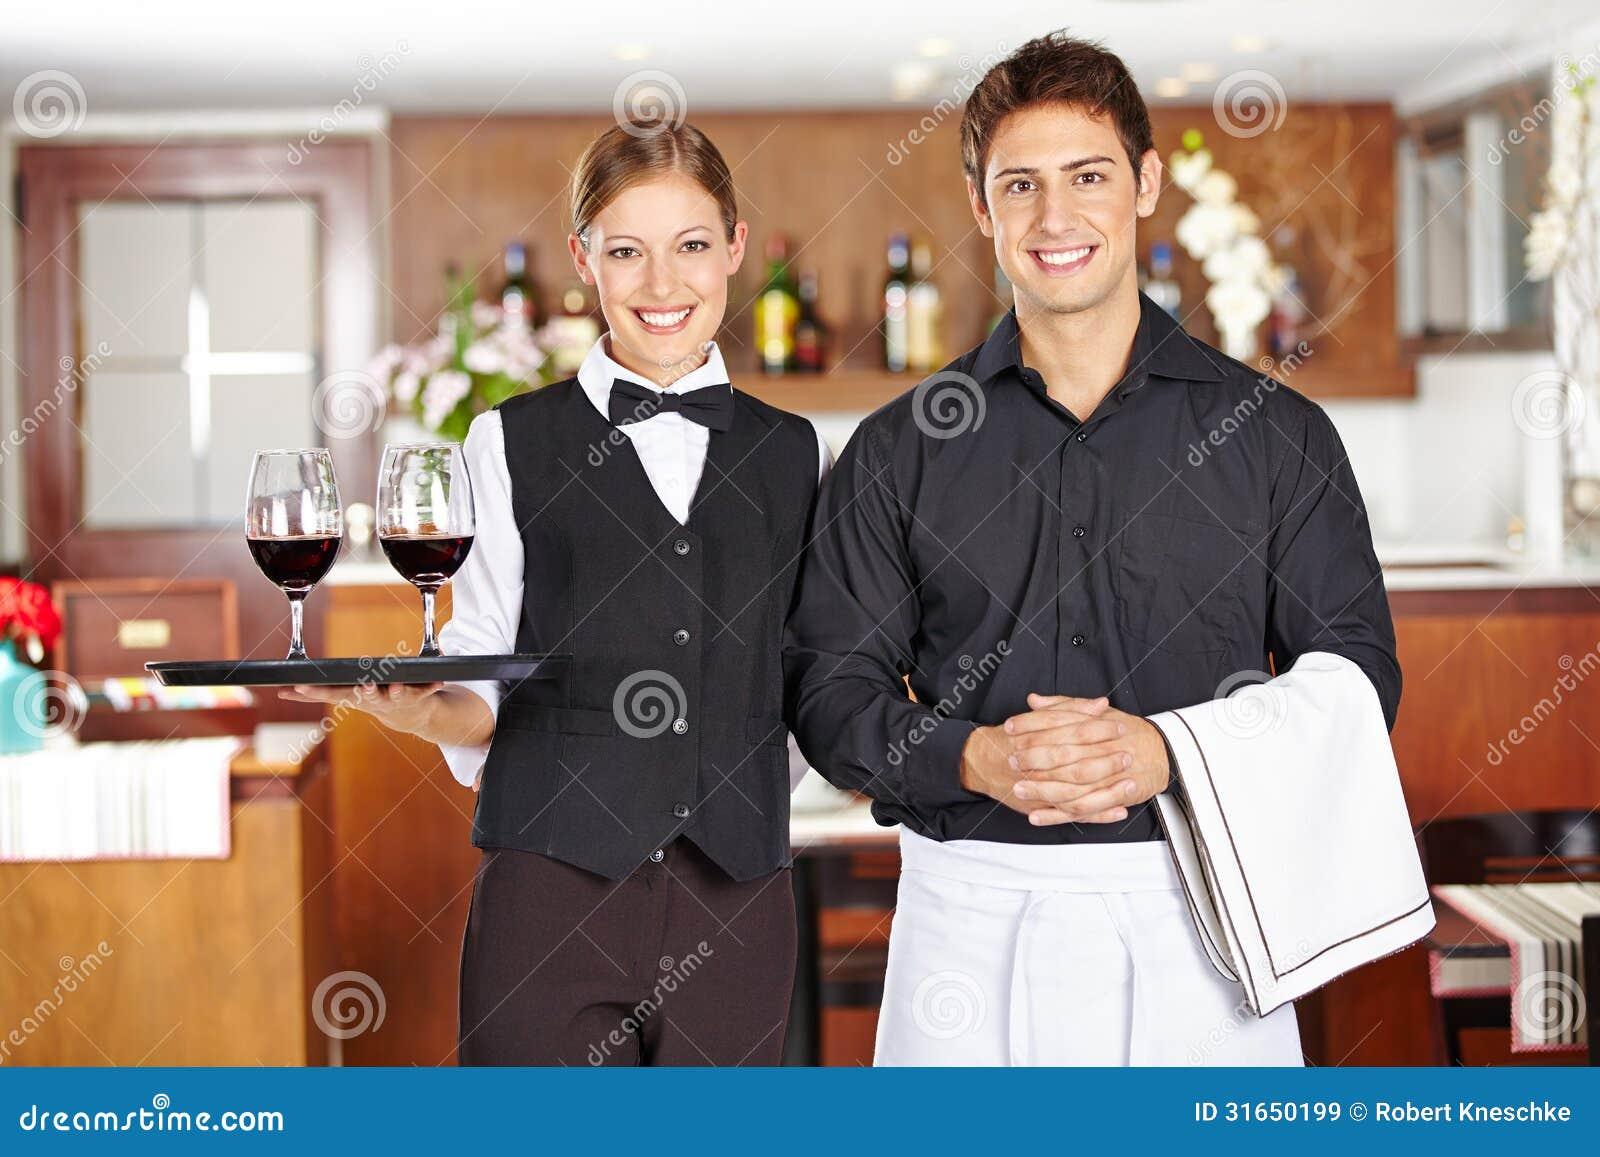 Ομάδα του προσωπικού σερβιτόρων στο εστιατόριο